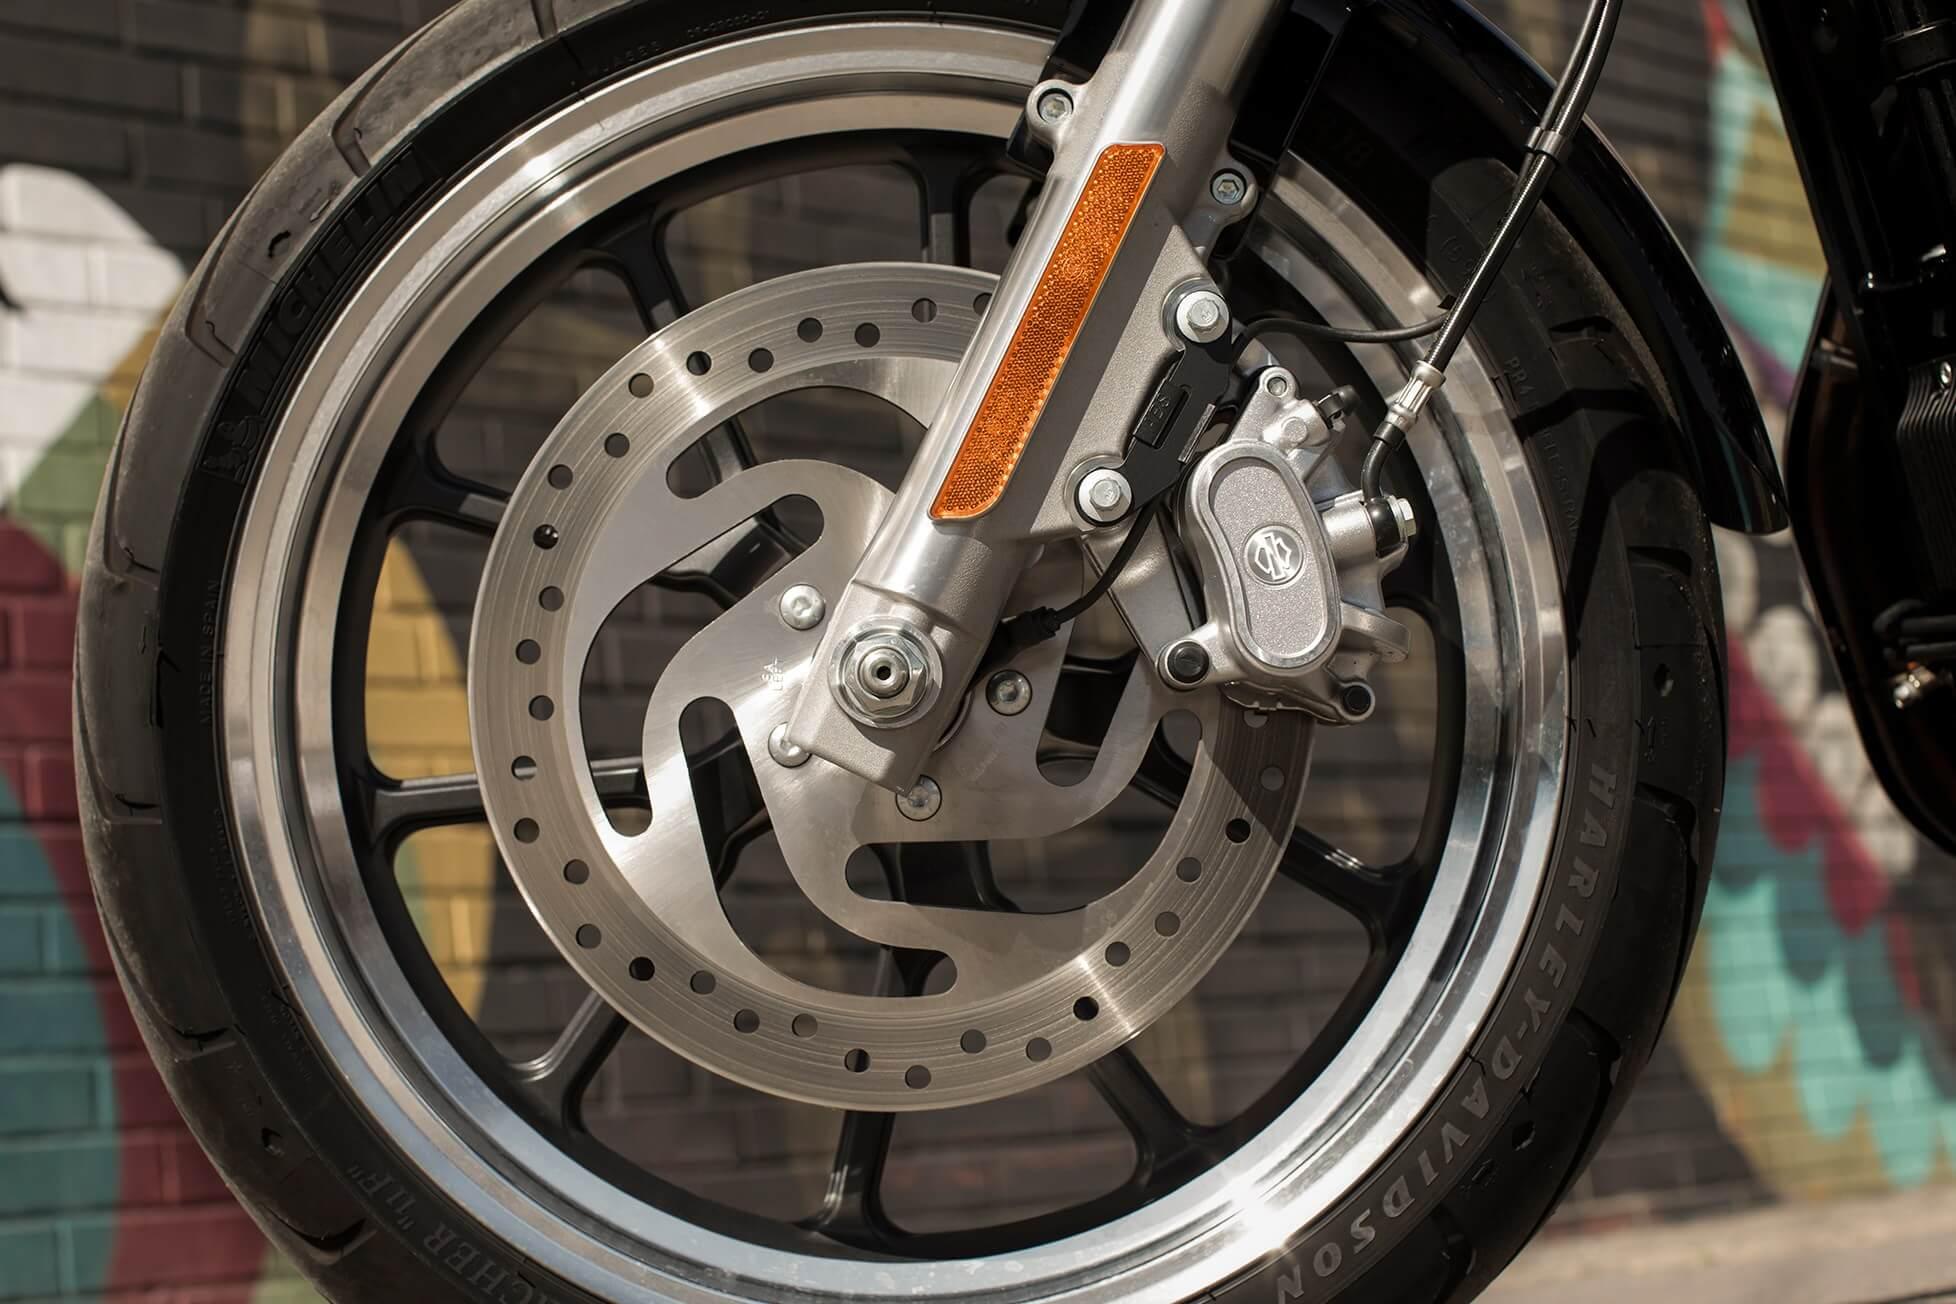 Foundation Brake System